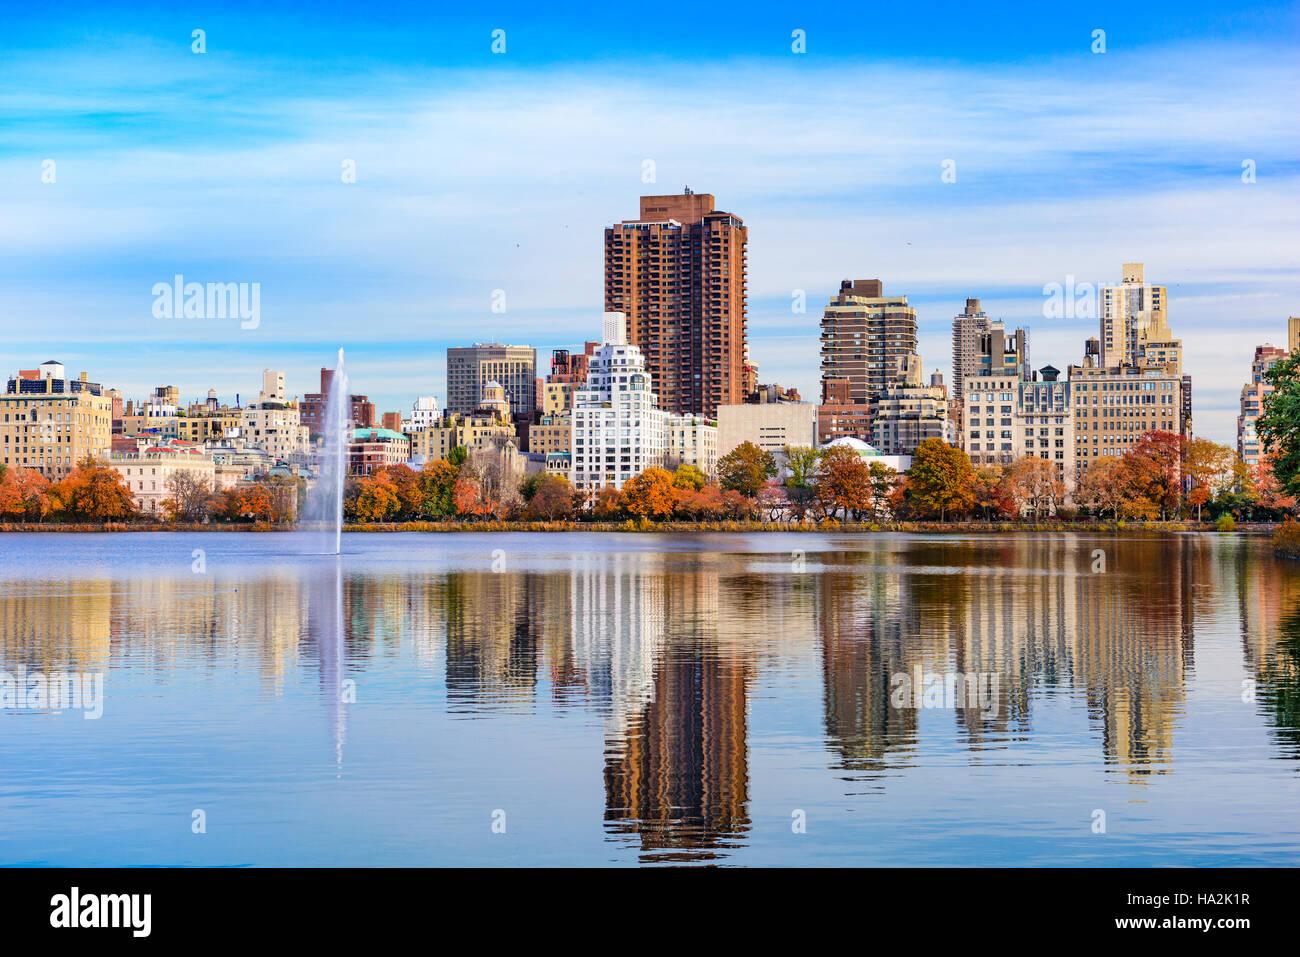 La città di New York presso il Central Park in autunno. Immagini Stock